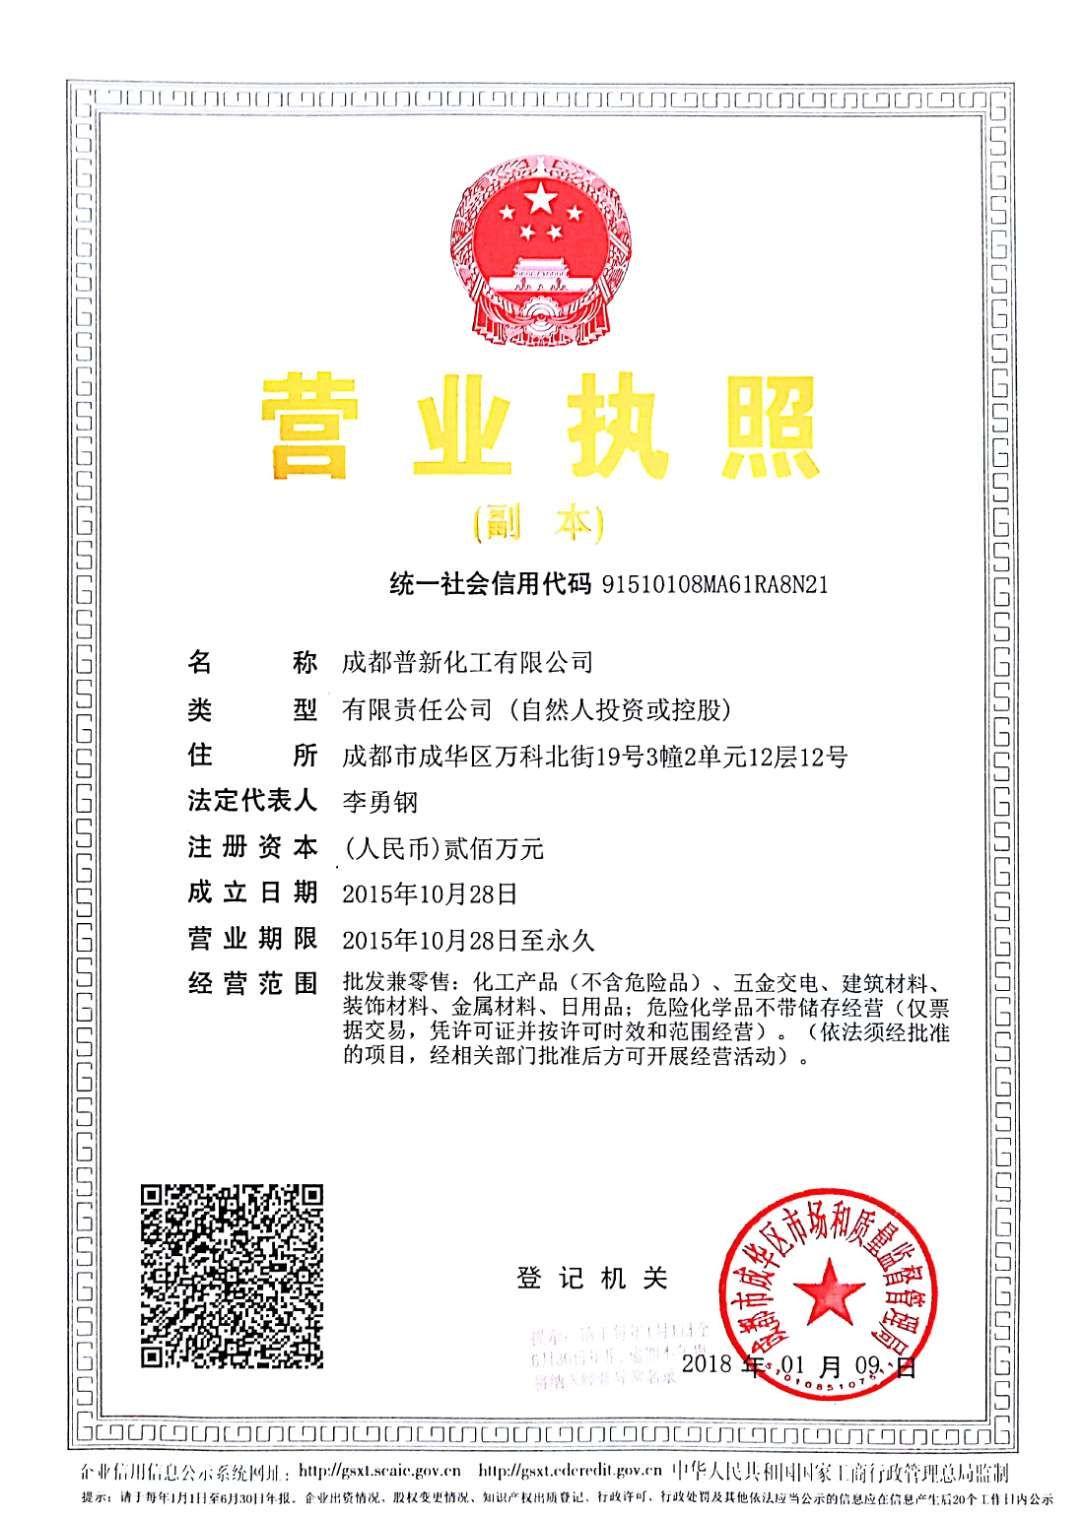 成都普新化工有限公司营业执照